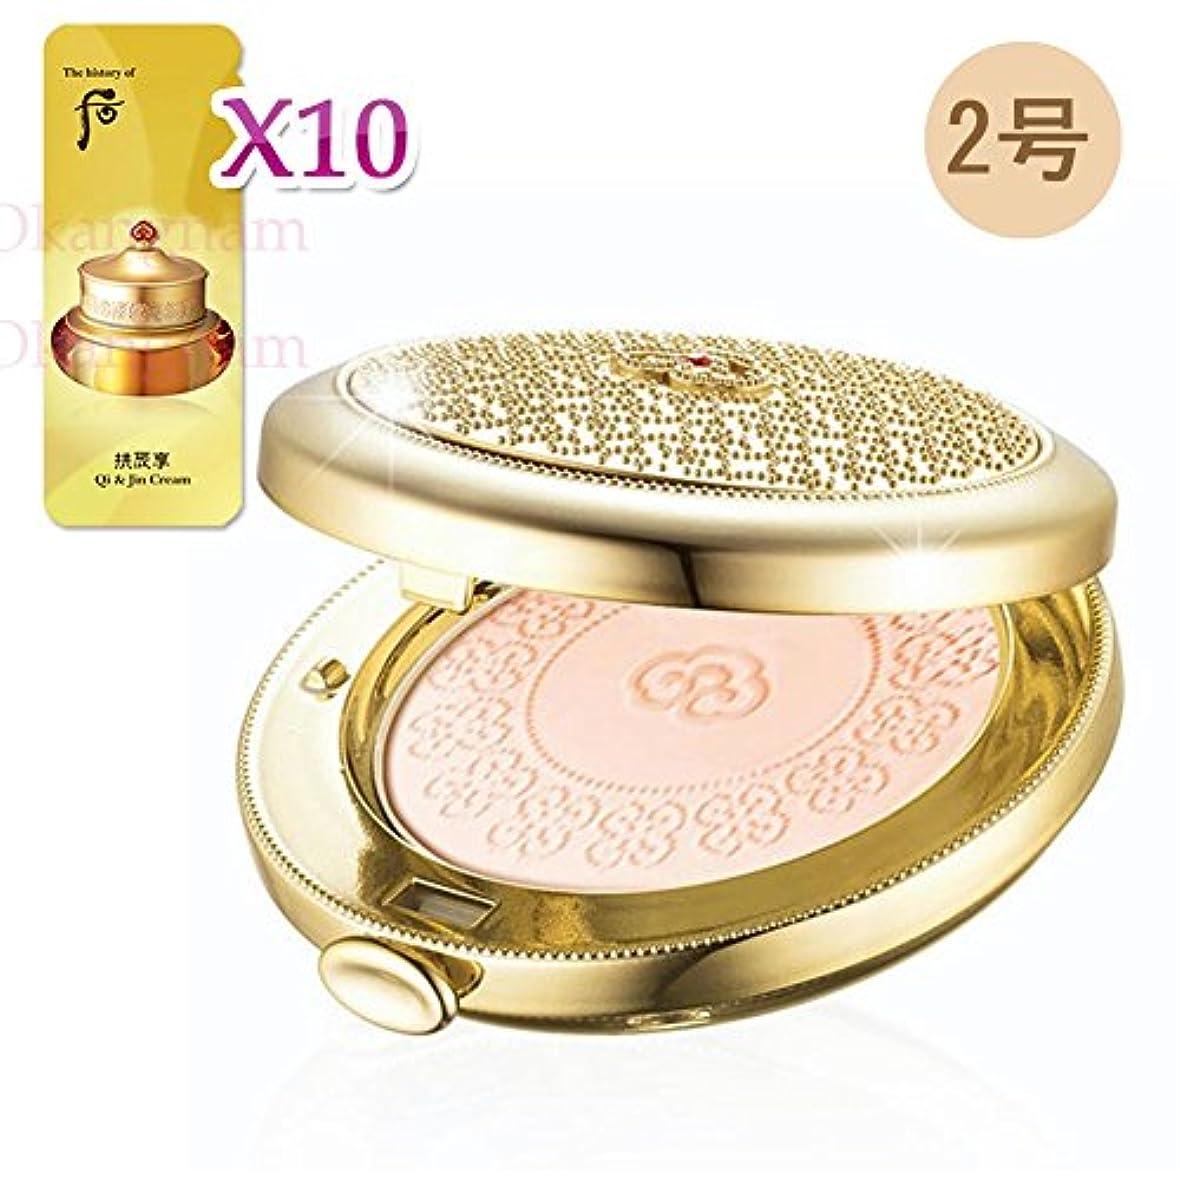 計算可能アミューズメント火曜日【フー/ The history of whoo] Whoo 后 KGM10 GONGJIN HYANG Mi Powder Compact(SPF30,PA++) /后(フー) ゴンジンヒャン 美パウダーコンパクト 2号 + [Sample Gift](海外直送品) (2号)